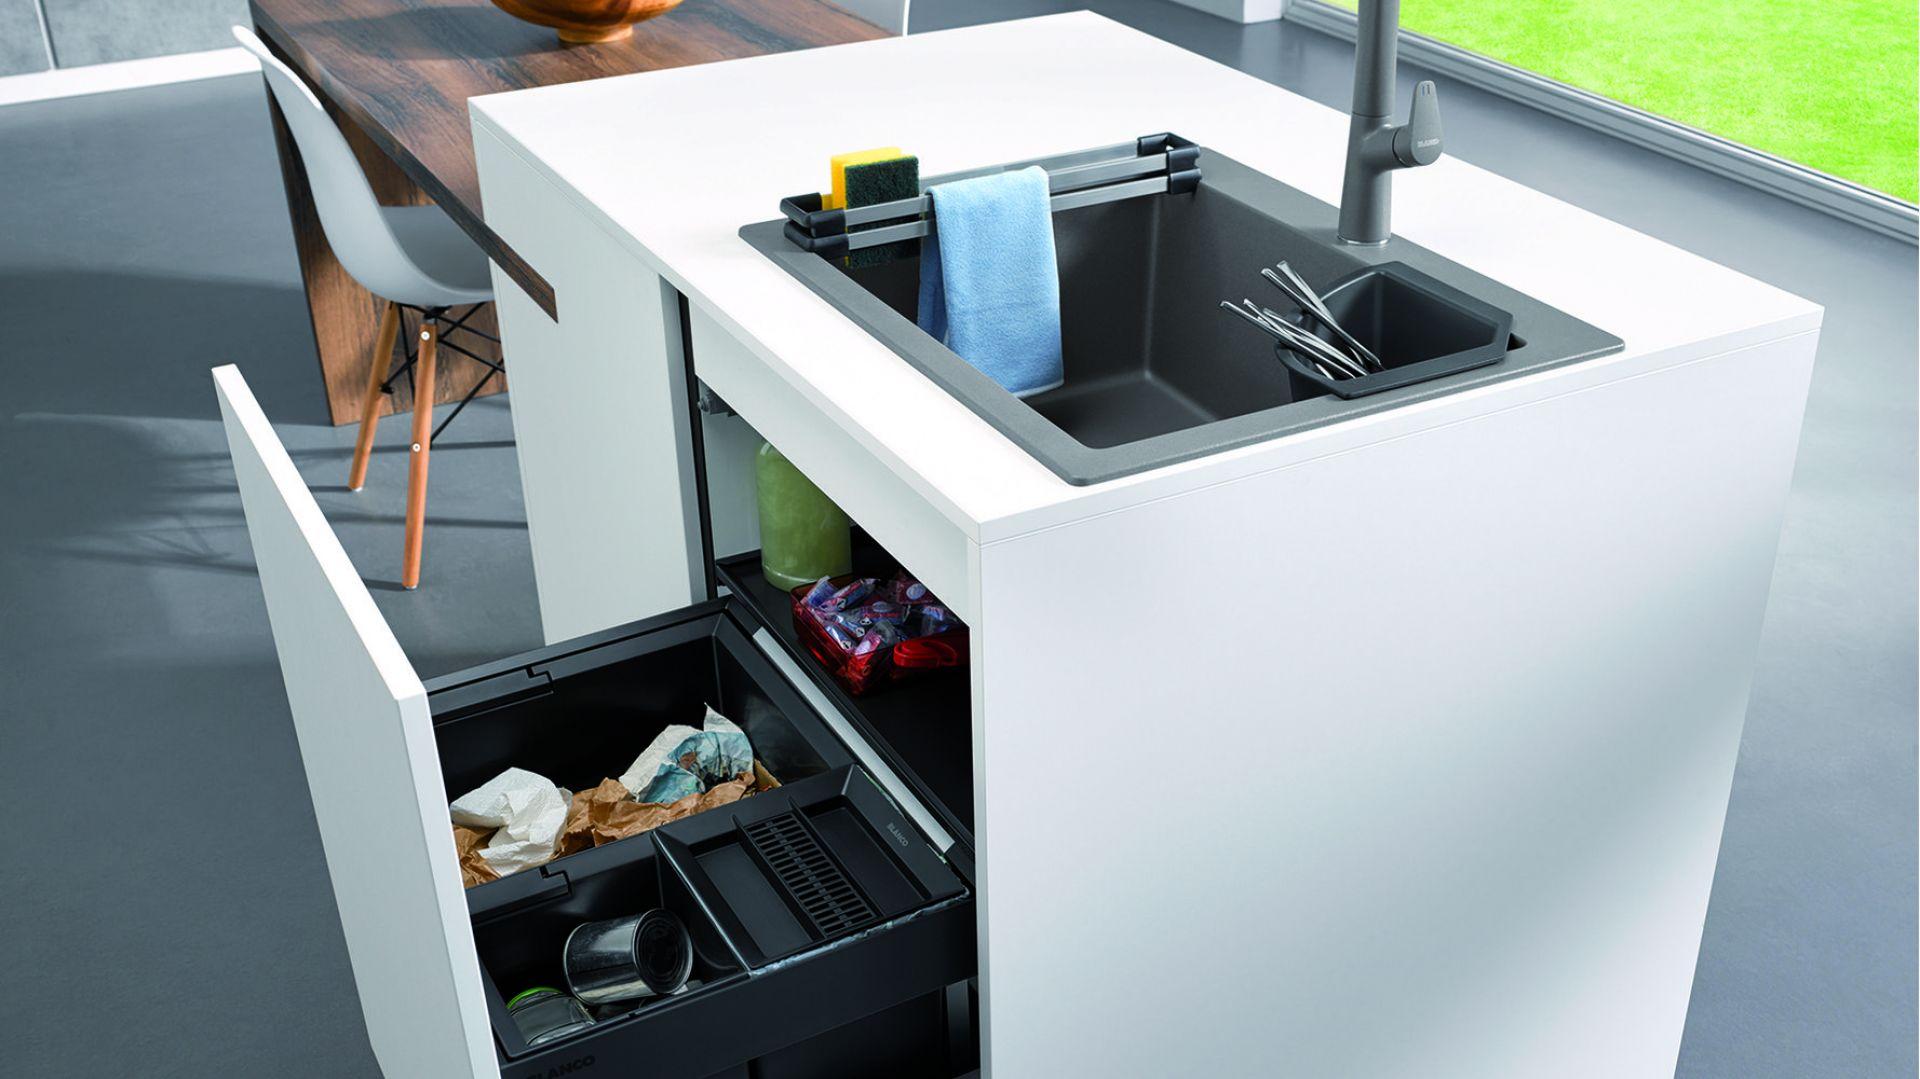 Strefa zmywania w kuchni. Akcesoria do zlewozmywaków Blanco: odsączarka i szyny. Fot. Comitor